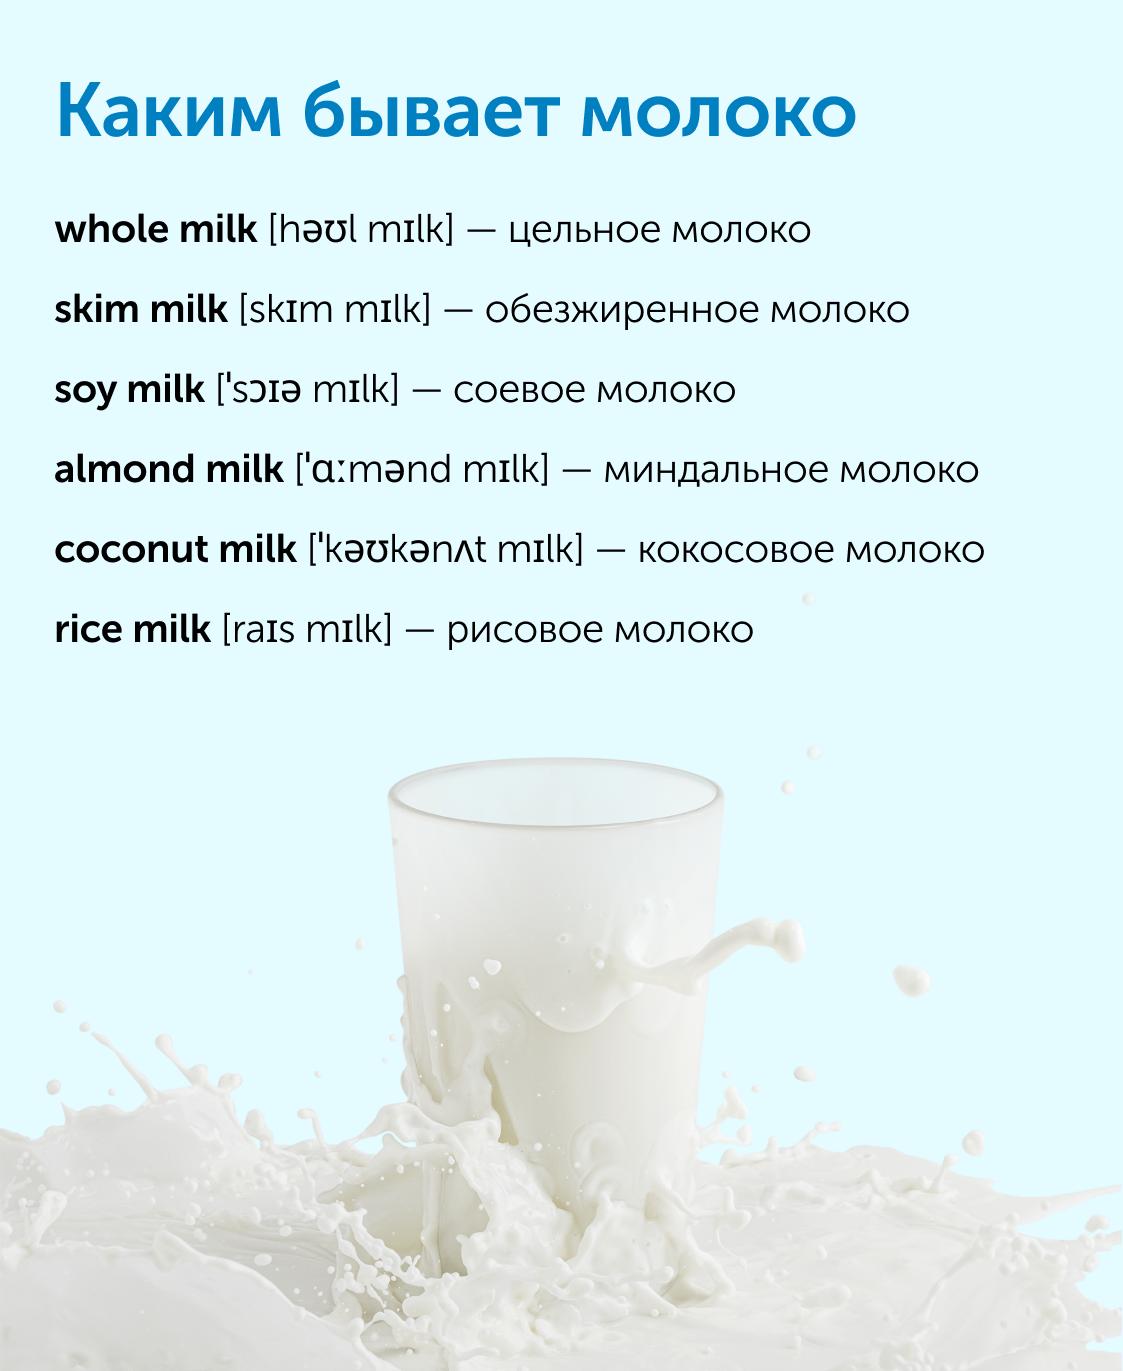 Виды молока на английском. Карточка Skyeng Magazine